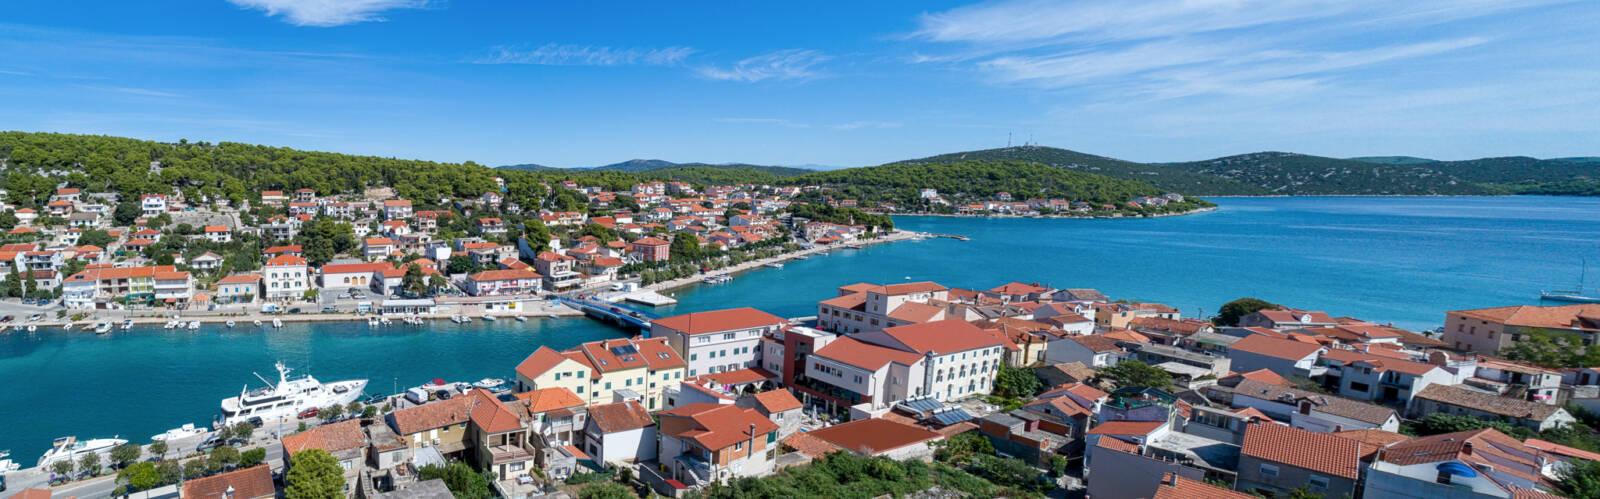 Tisno Aerial View